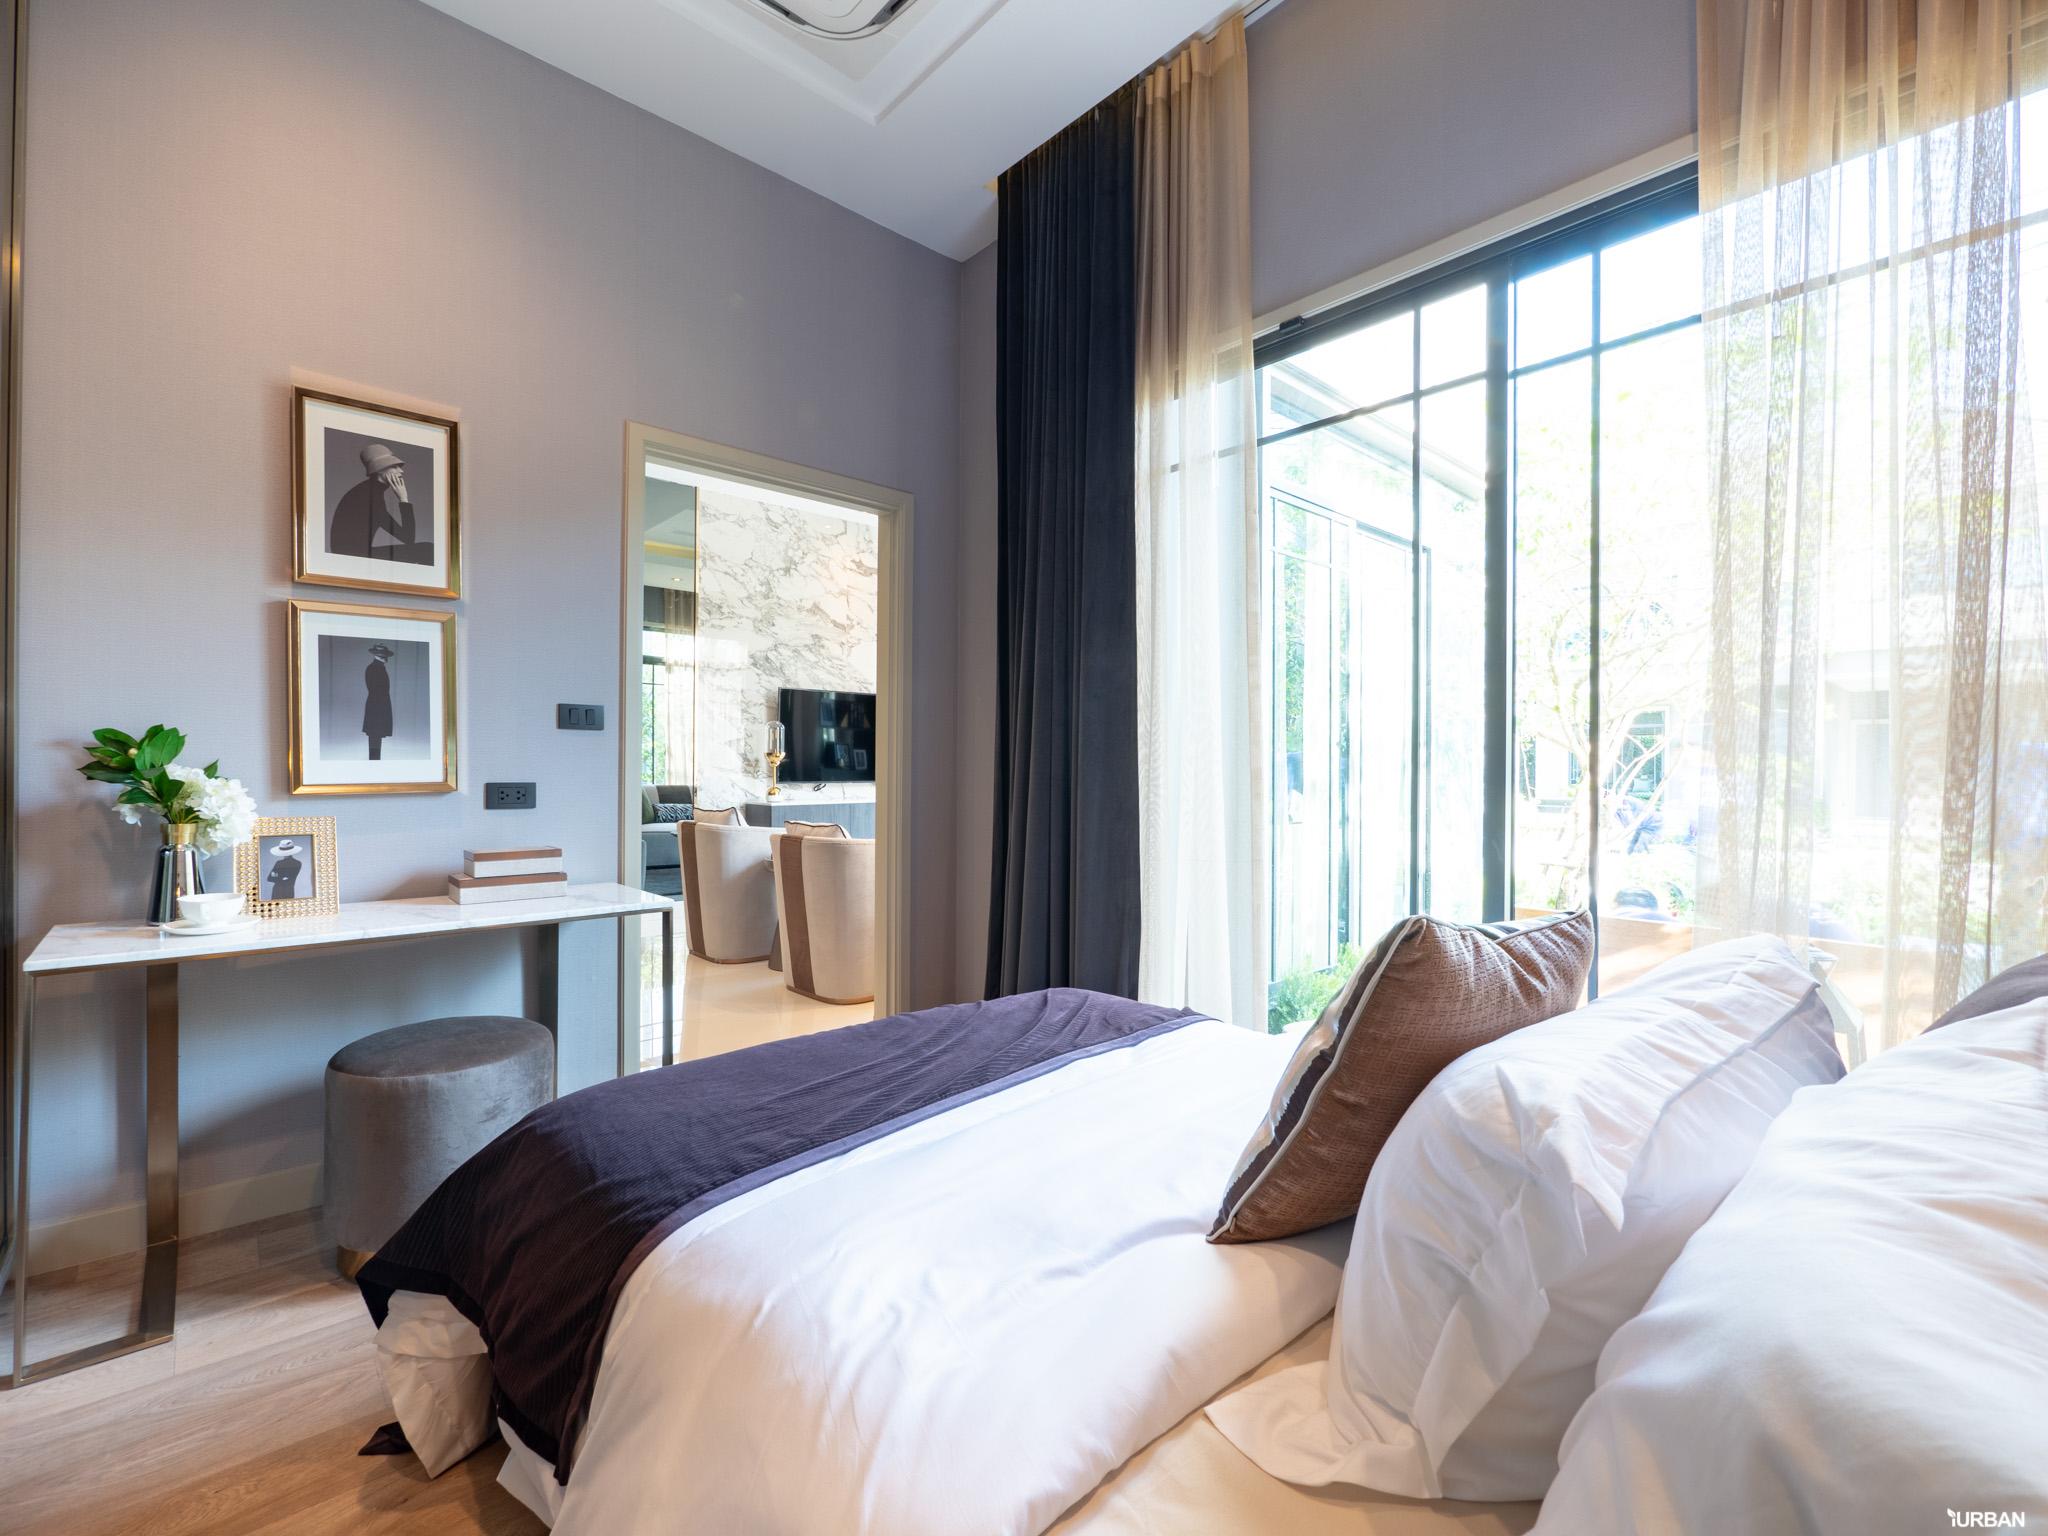 รีวิว บางกอก บูเลอวาร์ด รามอินทรา-เสรีไทย 2 <br>บ้านเดี่ยวสไตล์ Luxury Nordic เพียง 77 ครอบครัว</br> 145 - Boulevard